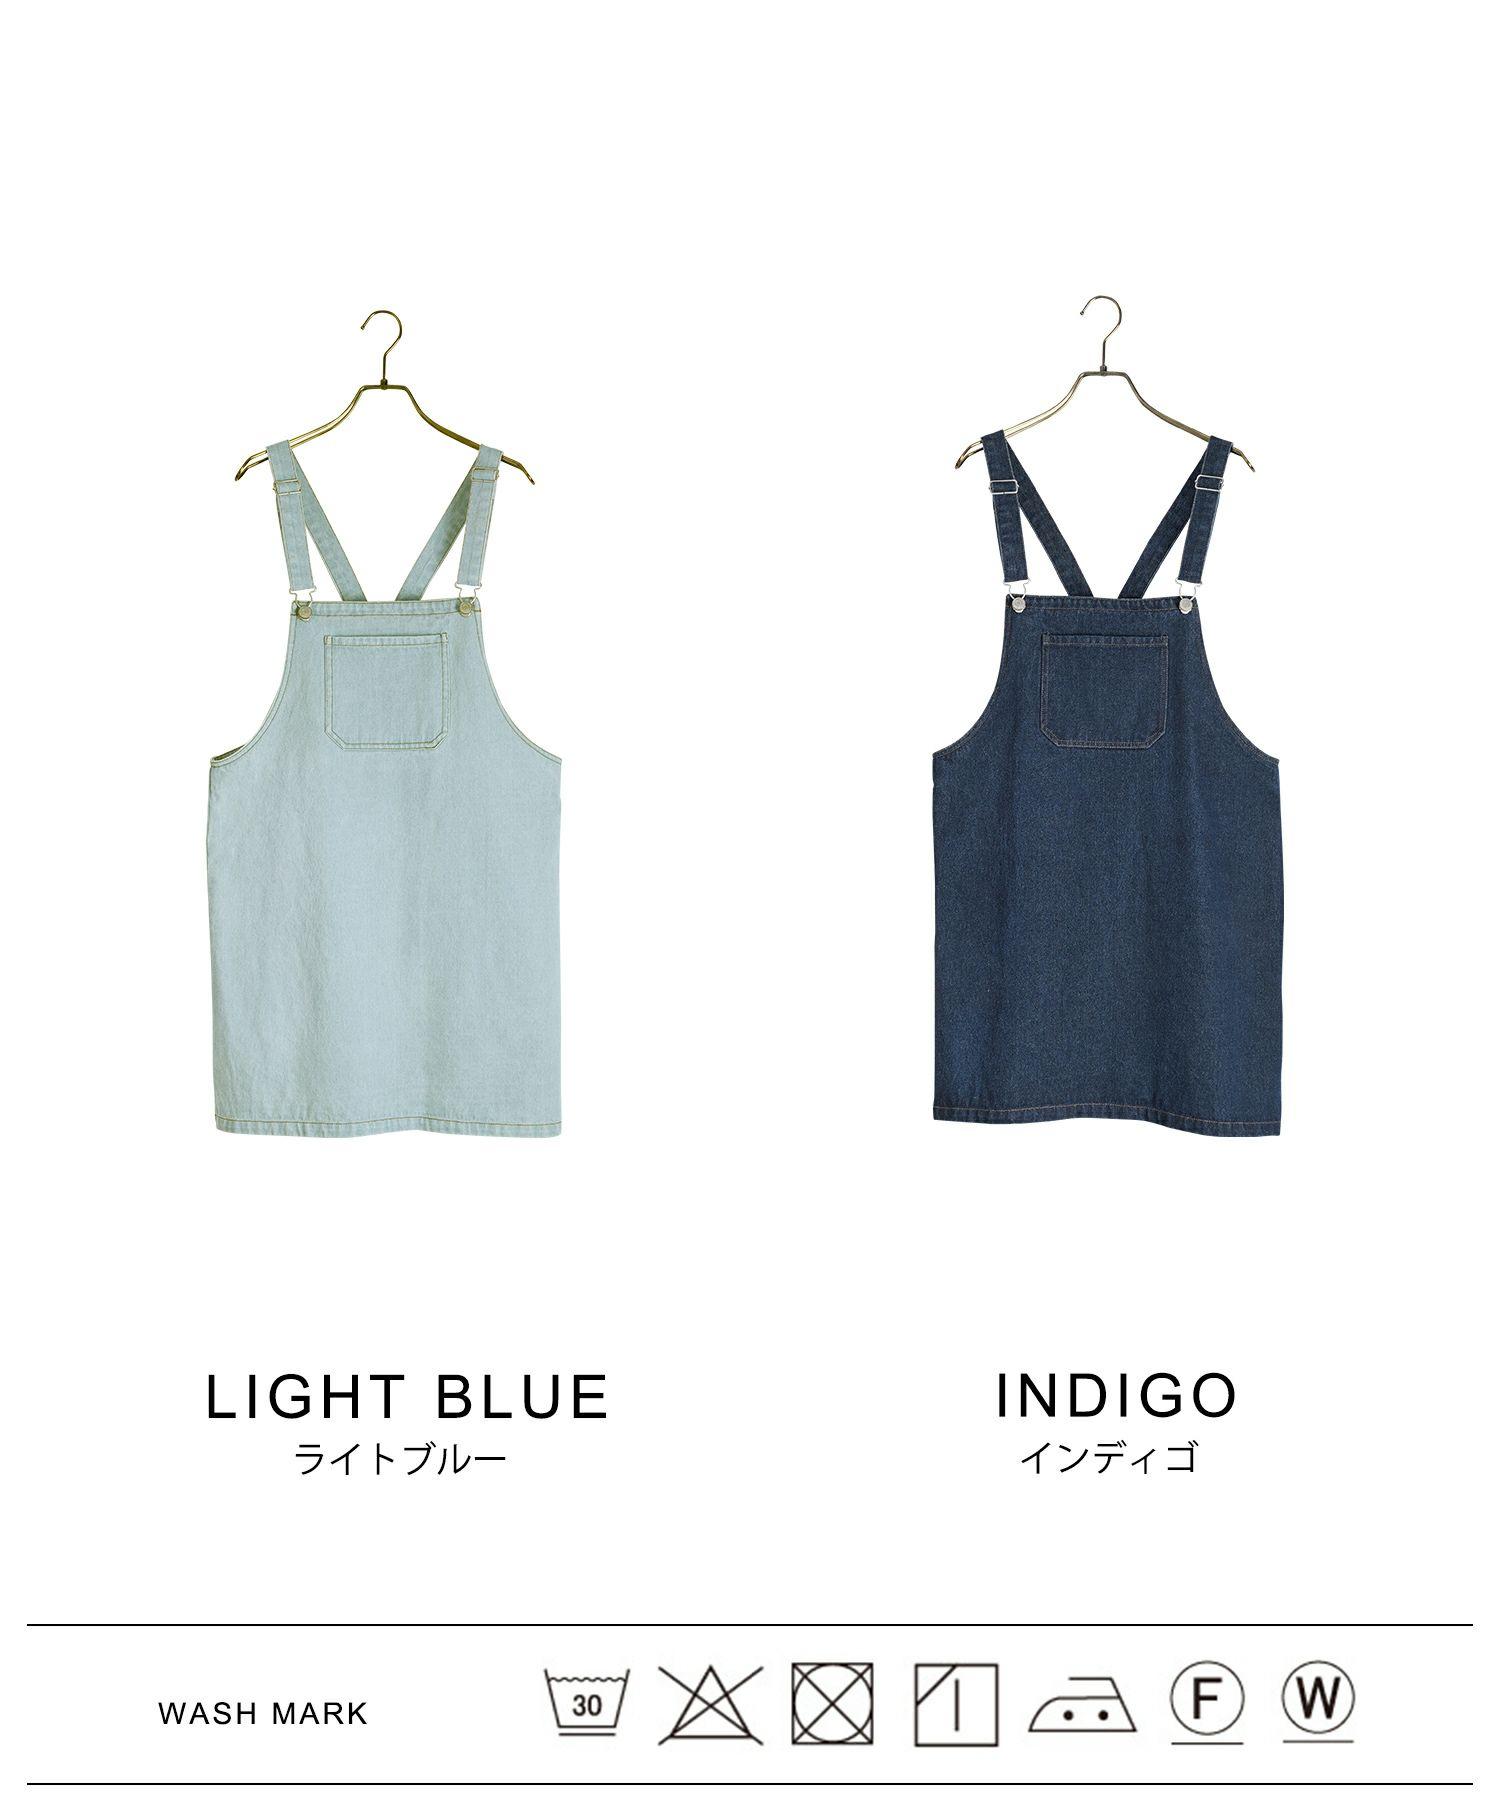 デニム/ジャンパースカート/ライトブルー/インディゴ